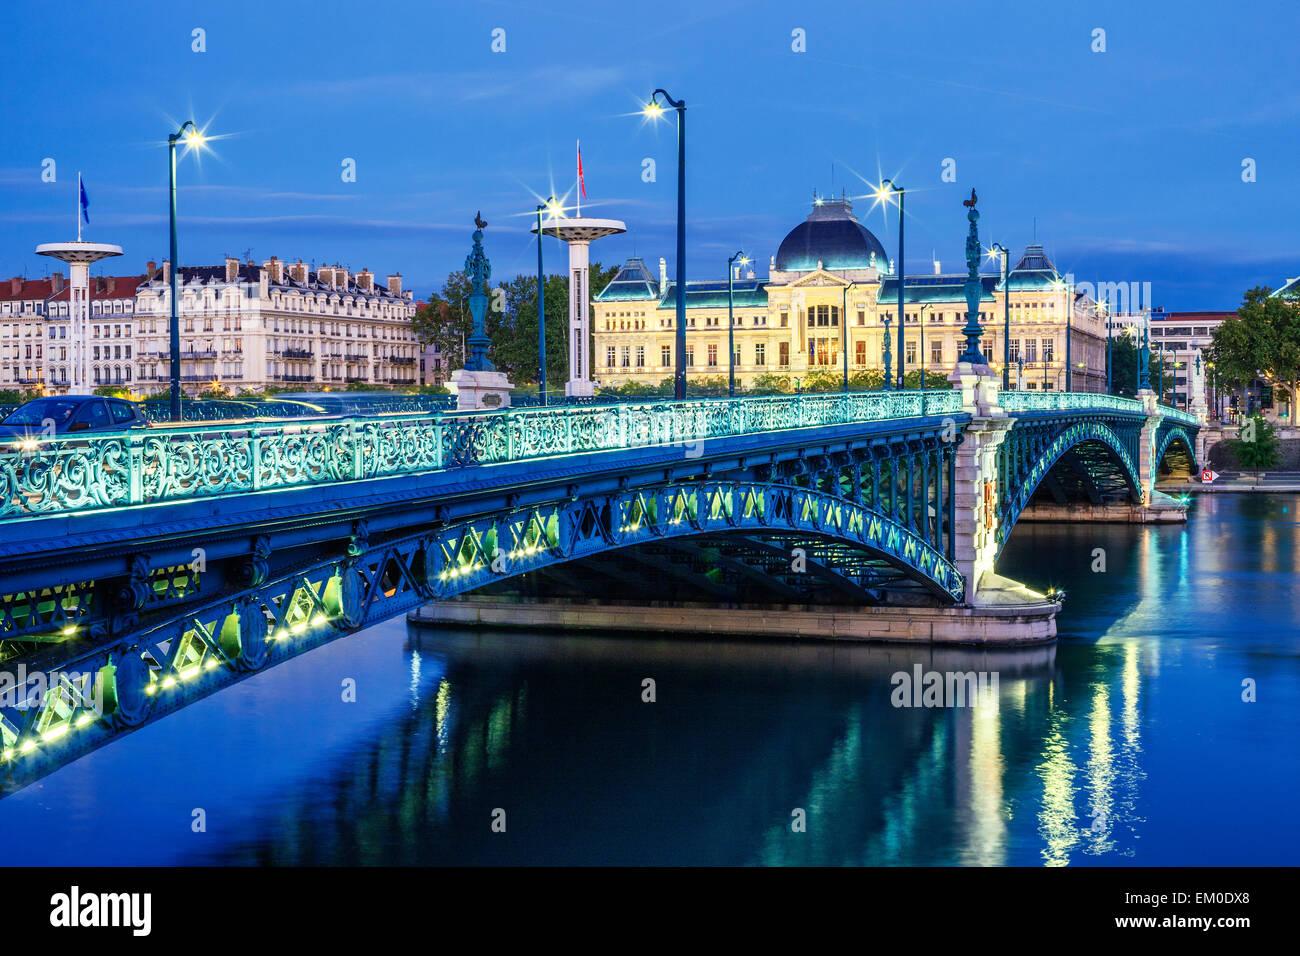 Blick auf Brücke und Universität in Lyon Stockbild